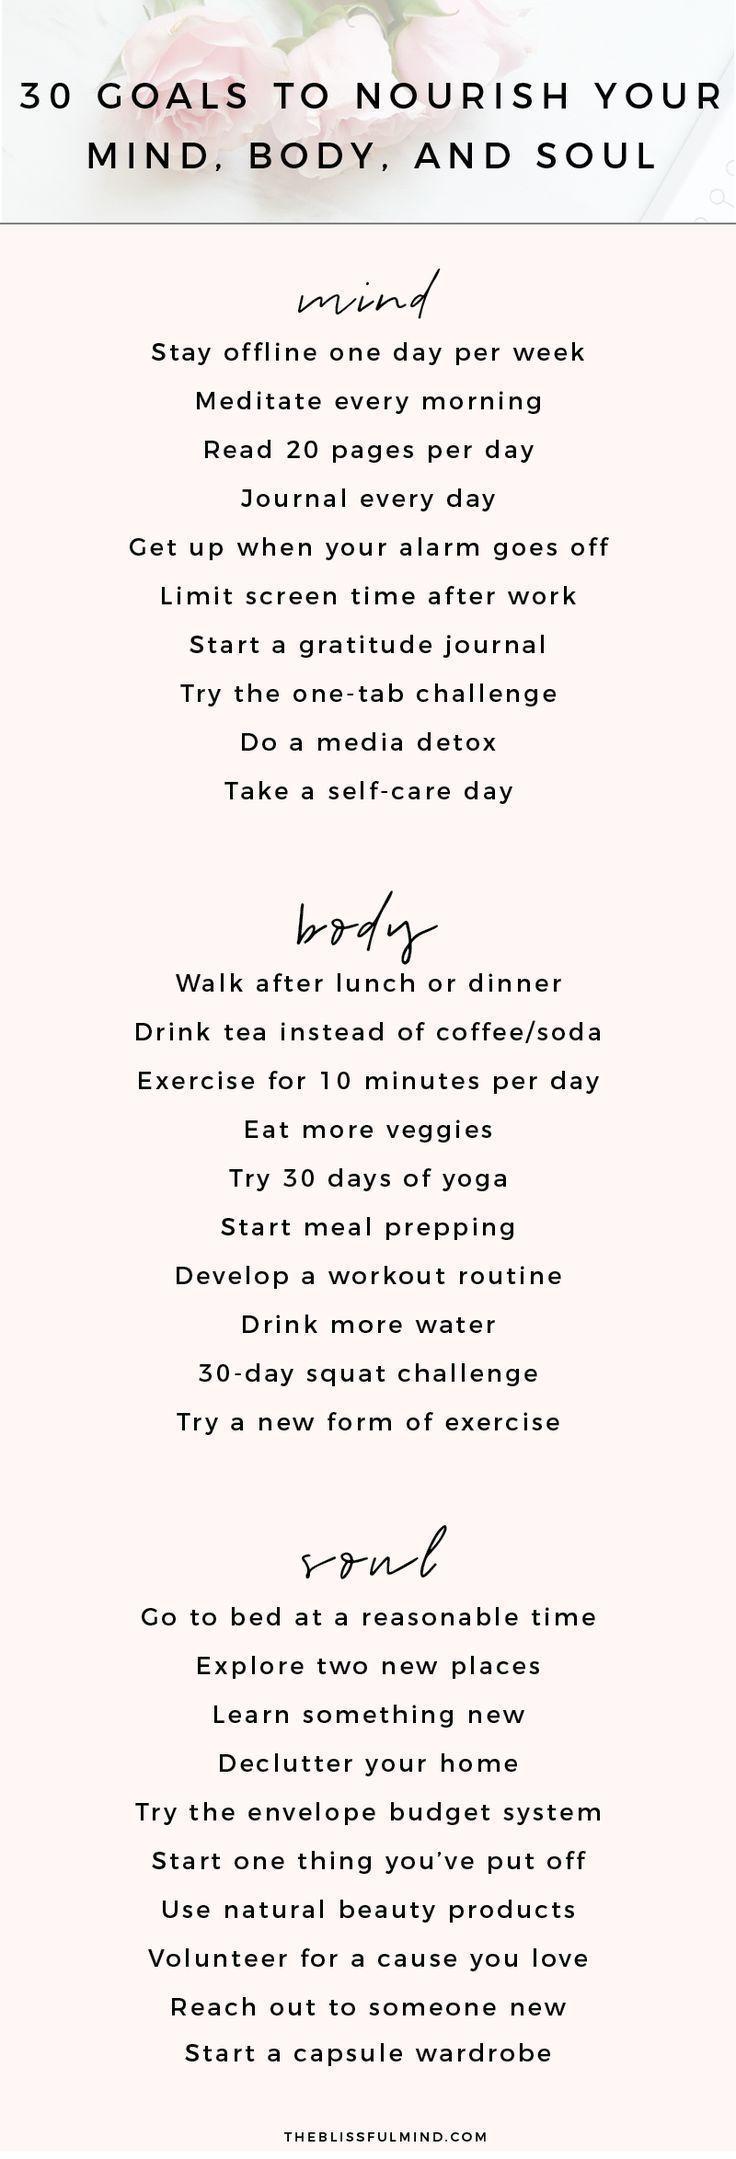 30 Zielideen zur Ernährung von Körper, Geist und Seele